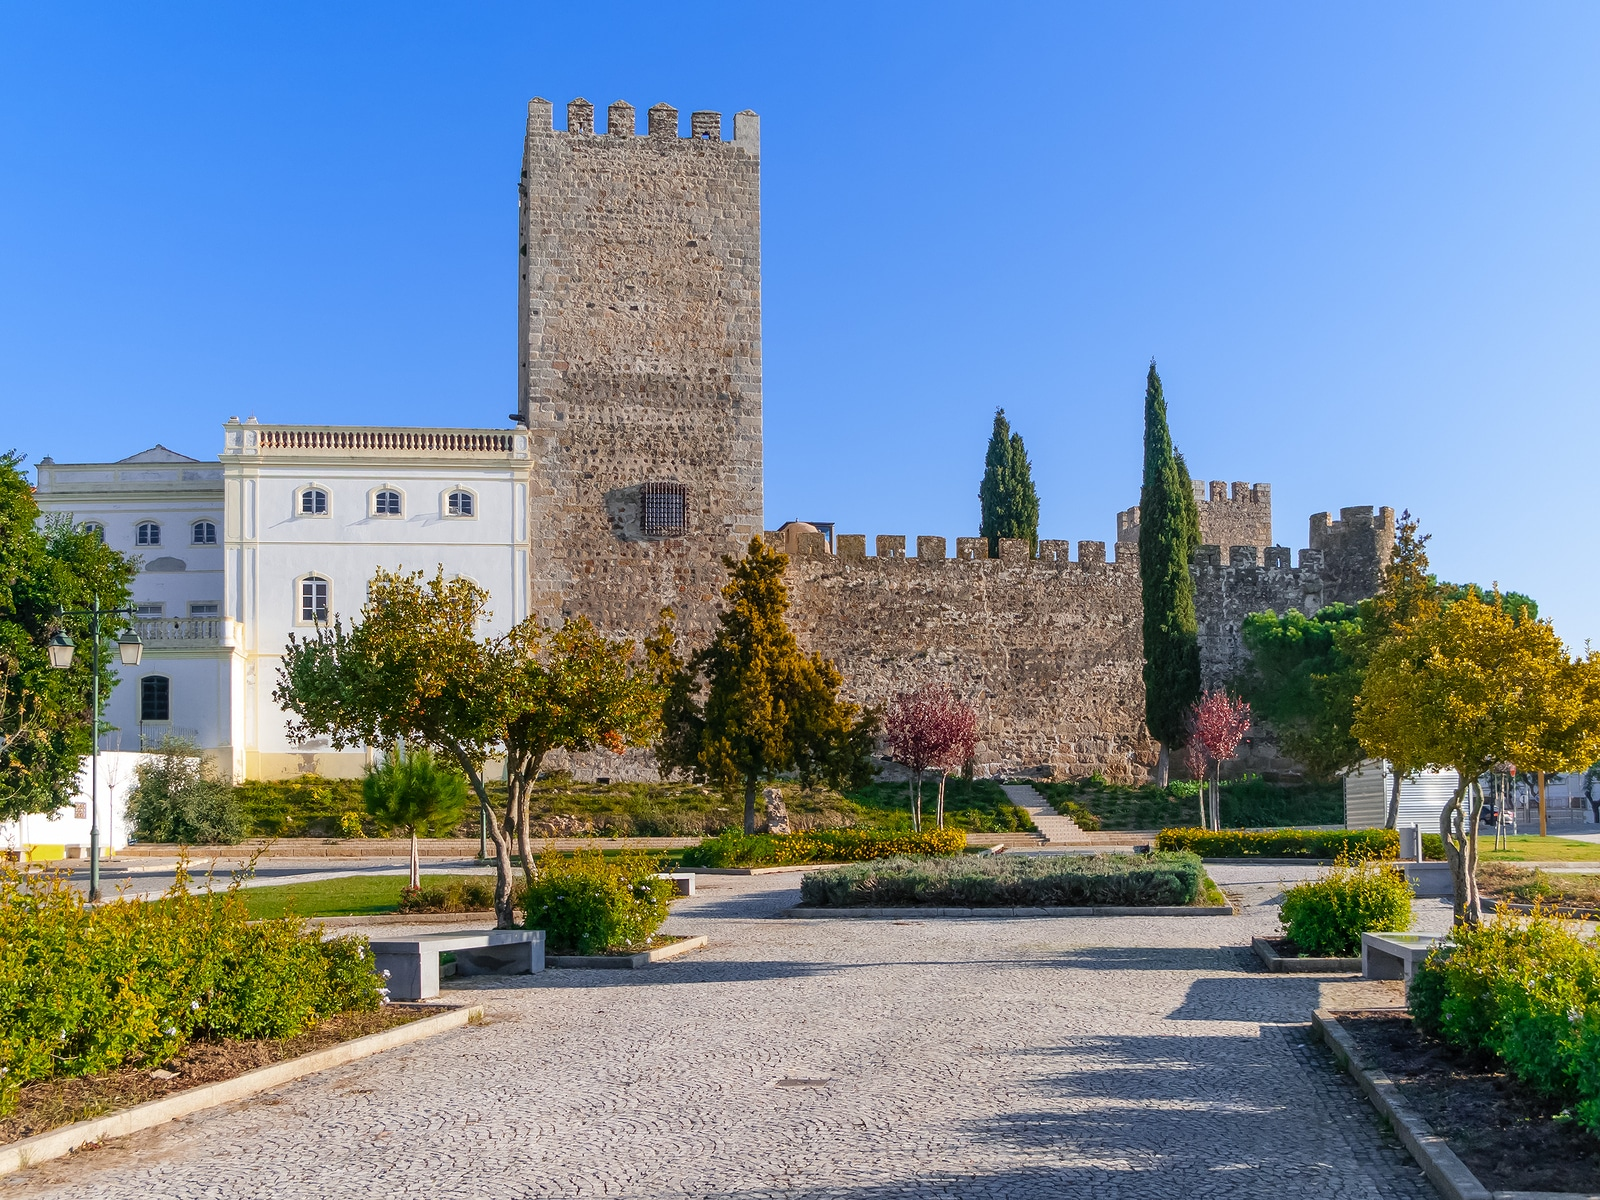 Medieval Castle of Alter do Chao, seen from the Doze Melhores de Alter Square. Alto Alentejo, Portugal